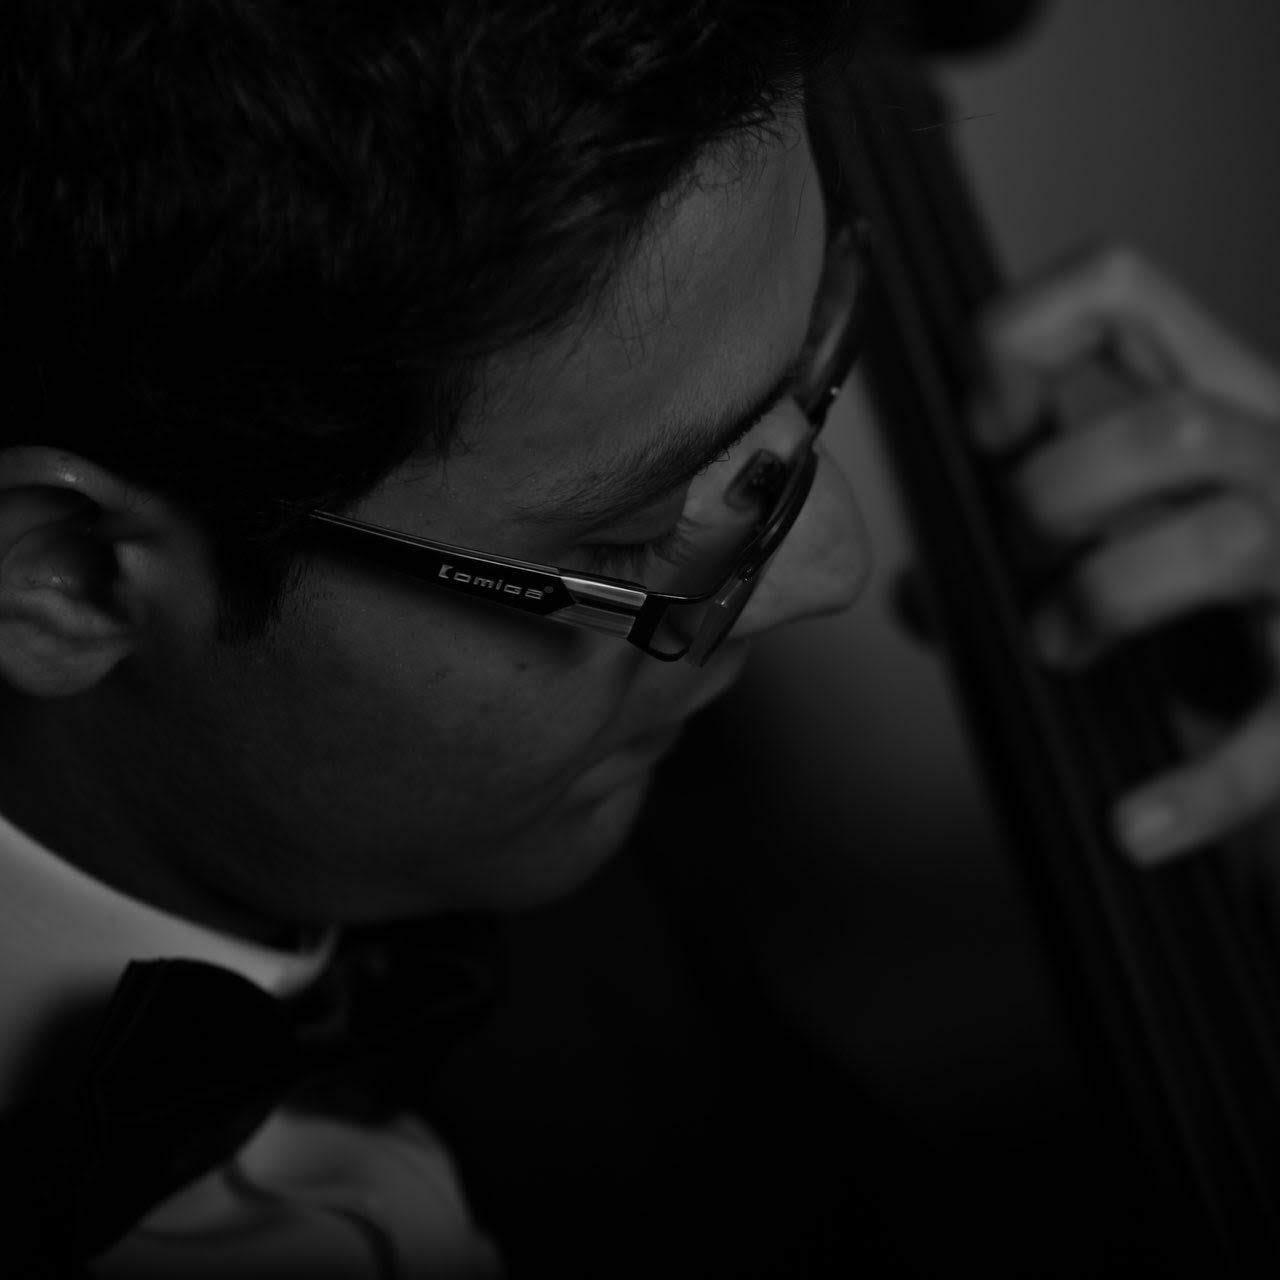 محمد مطیعالحق مدرس گیتار کلاسیک آهنگسازی هارمونی